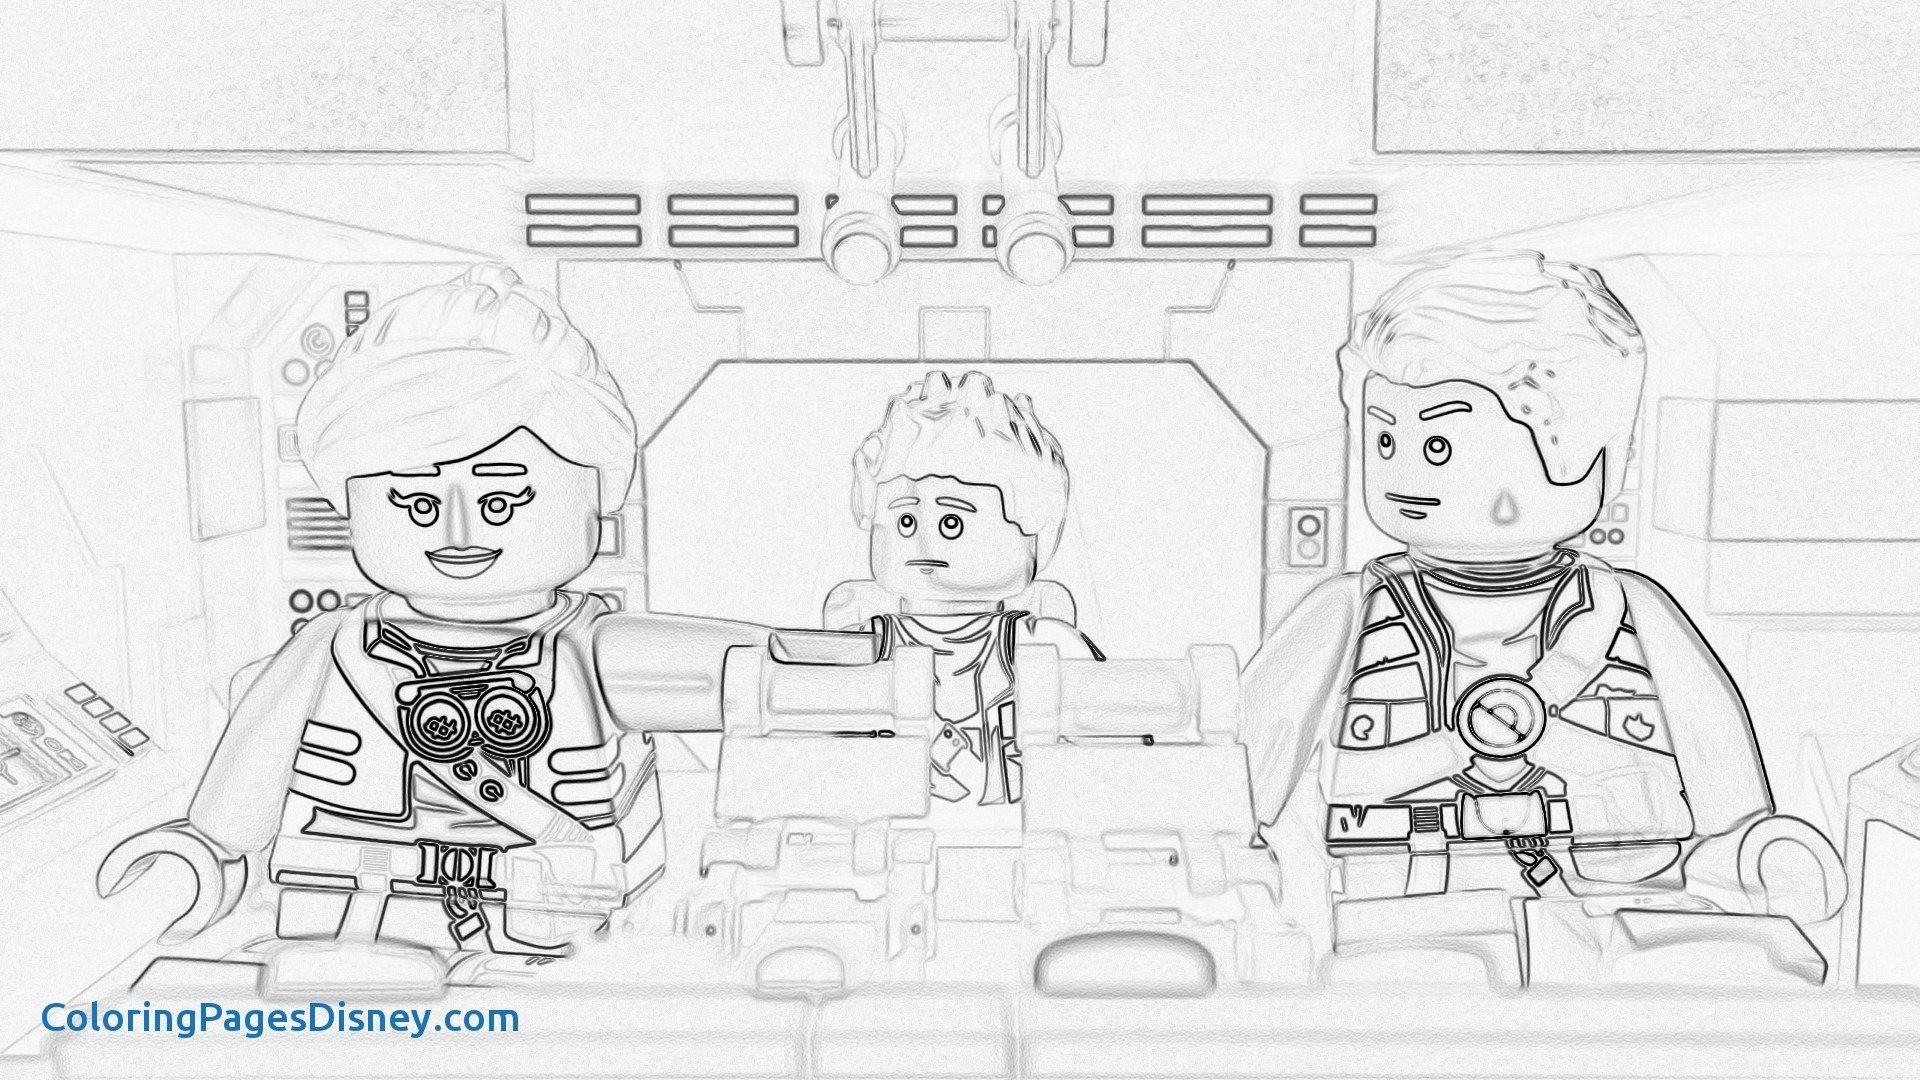 Star Wars Ausmalbilder Zum Ausdrucken Einzigartig Ausmalbilder Star Wars Clone Trooper Einzigartig Ausmalbilder Star Das Bild